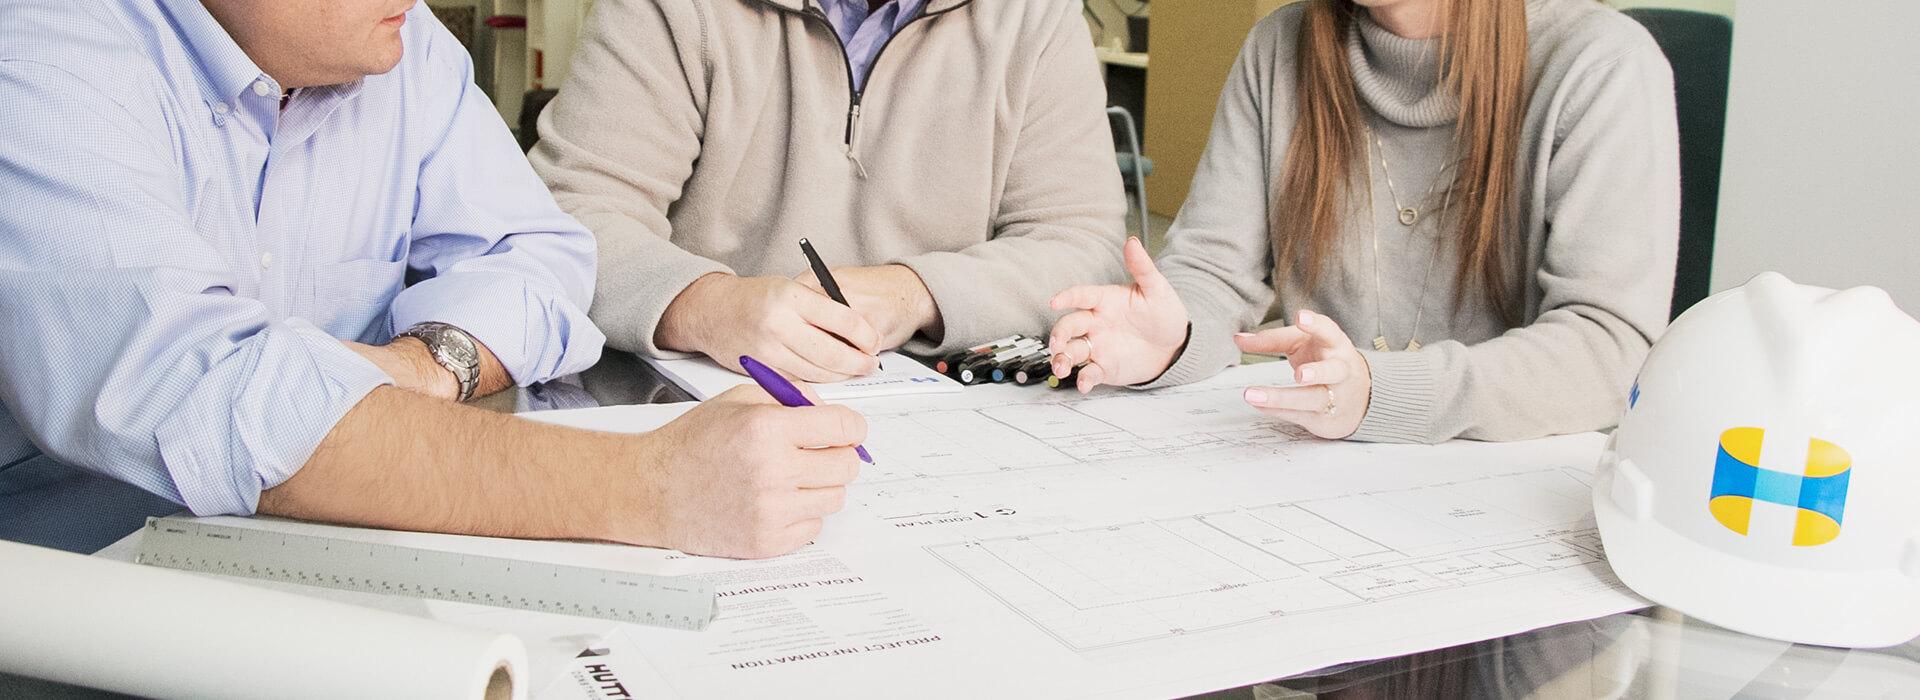 strategic-planning-consulting-header-desktop